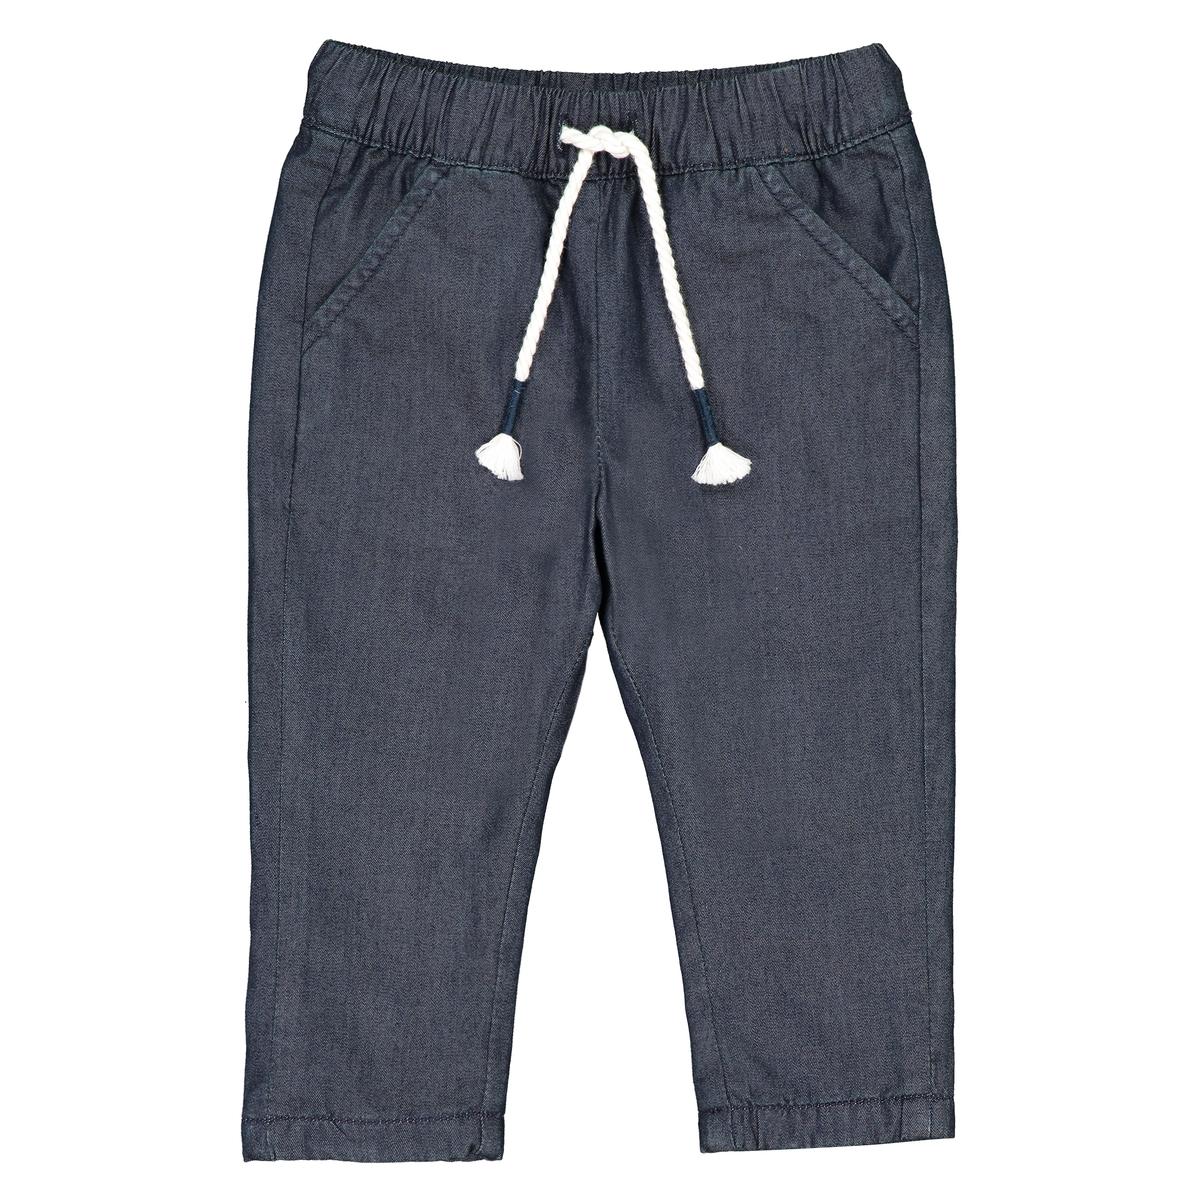 Джеггинсы La Redoute мес- года 18 мес. - 81 см синий шорты la redoute джинсовые мес 18 мес 81 см синий